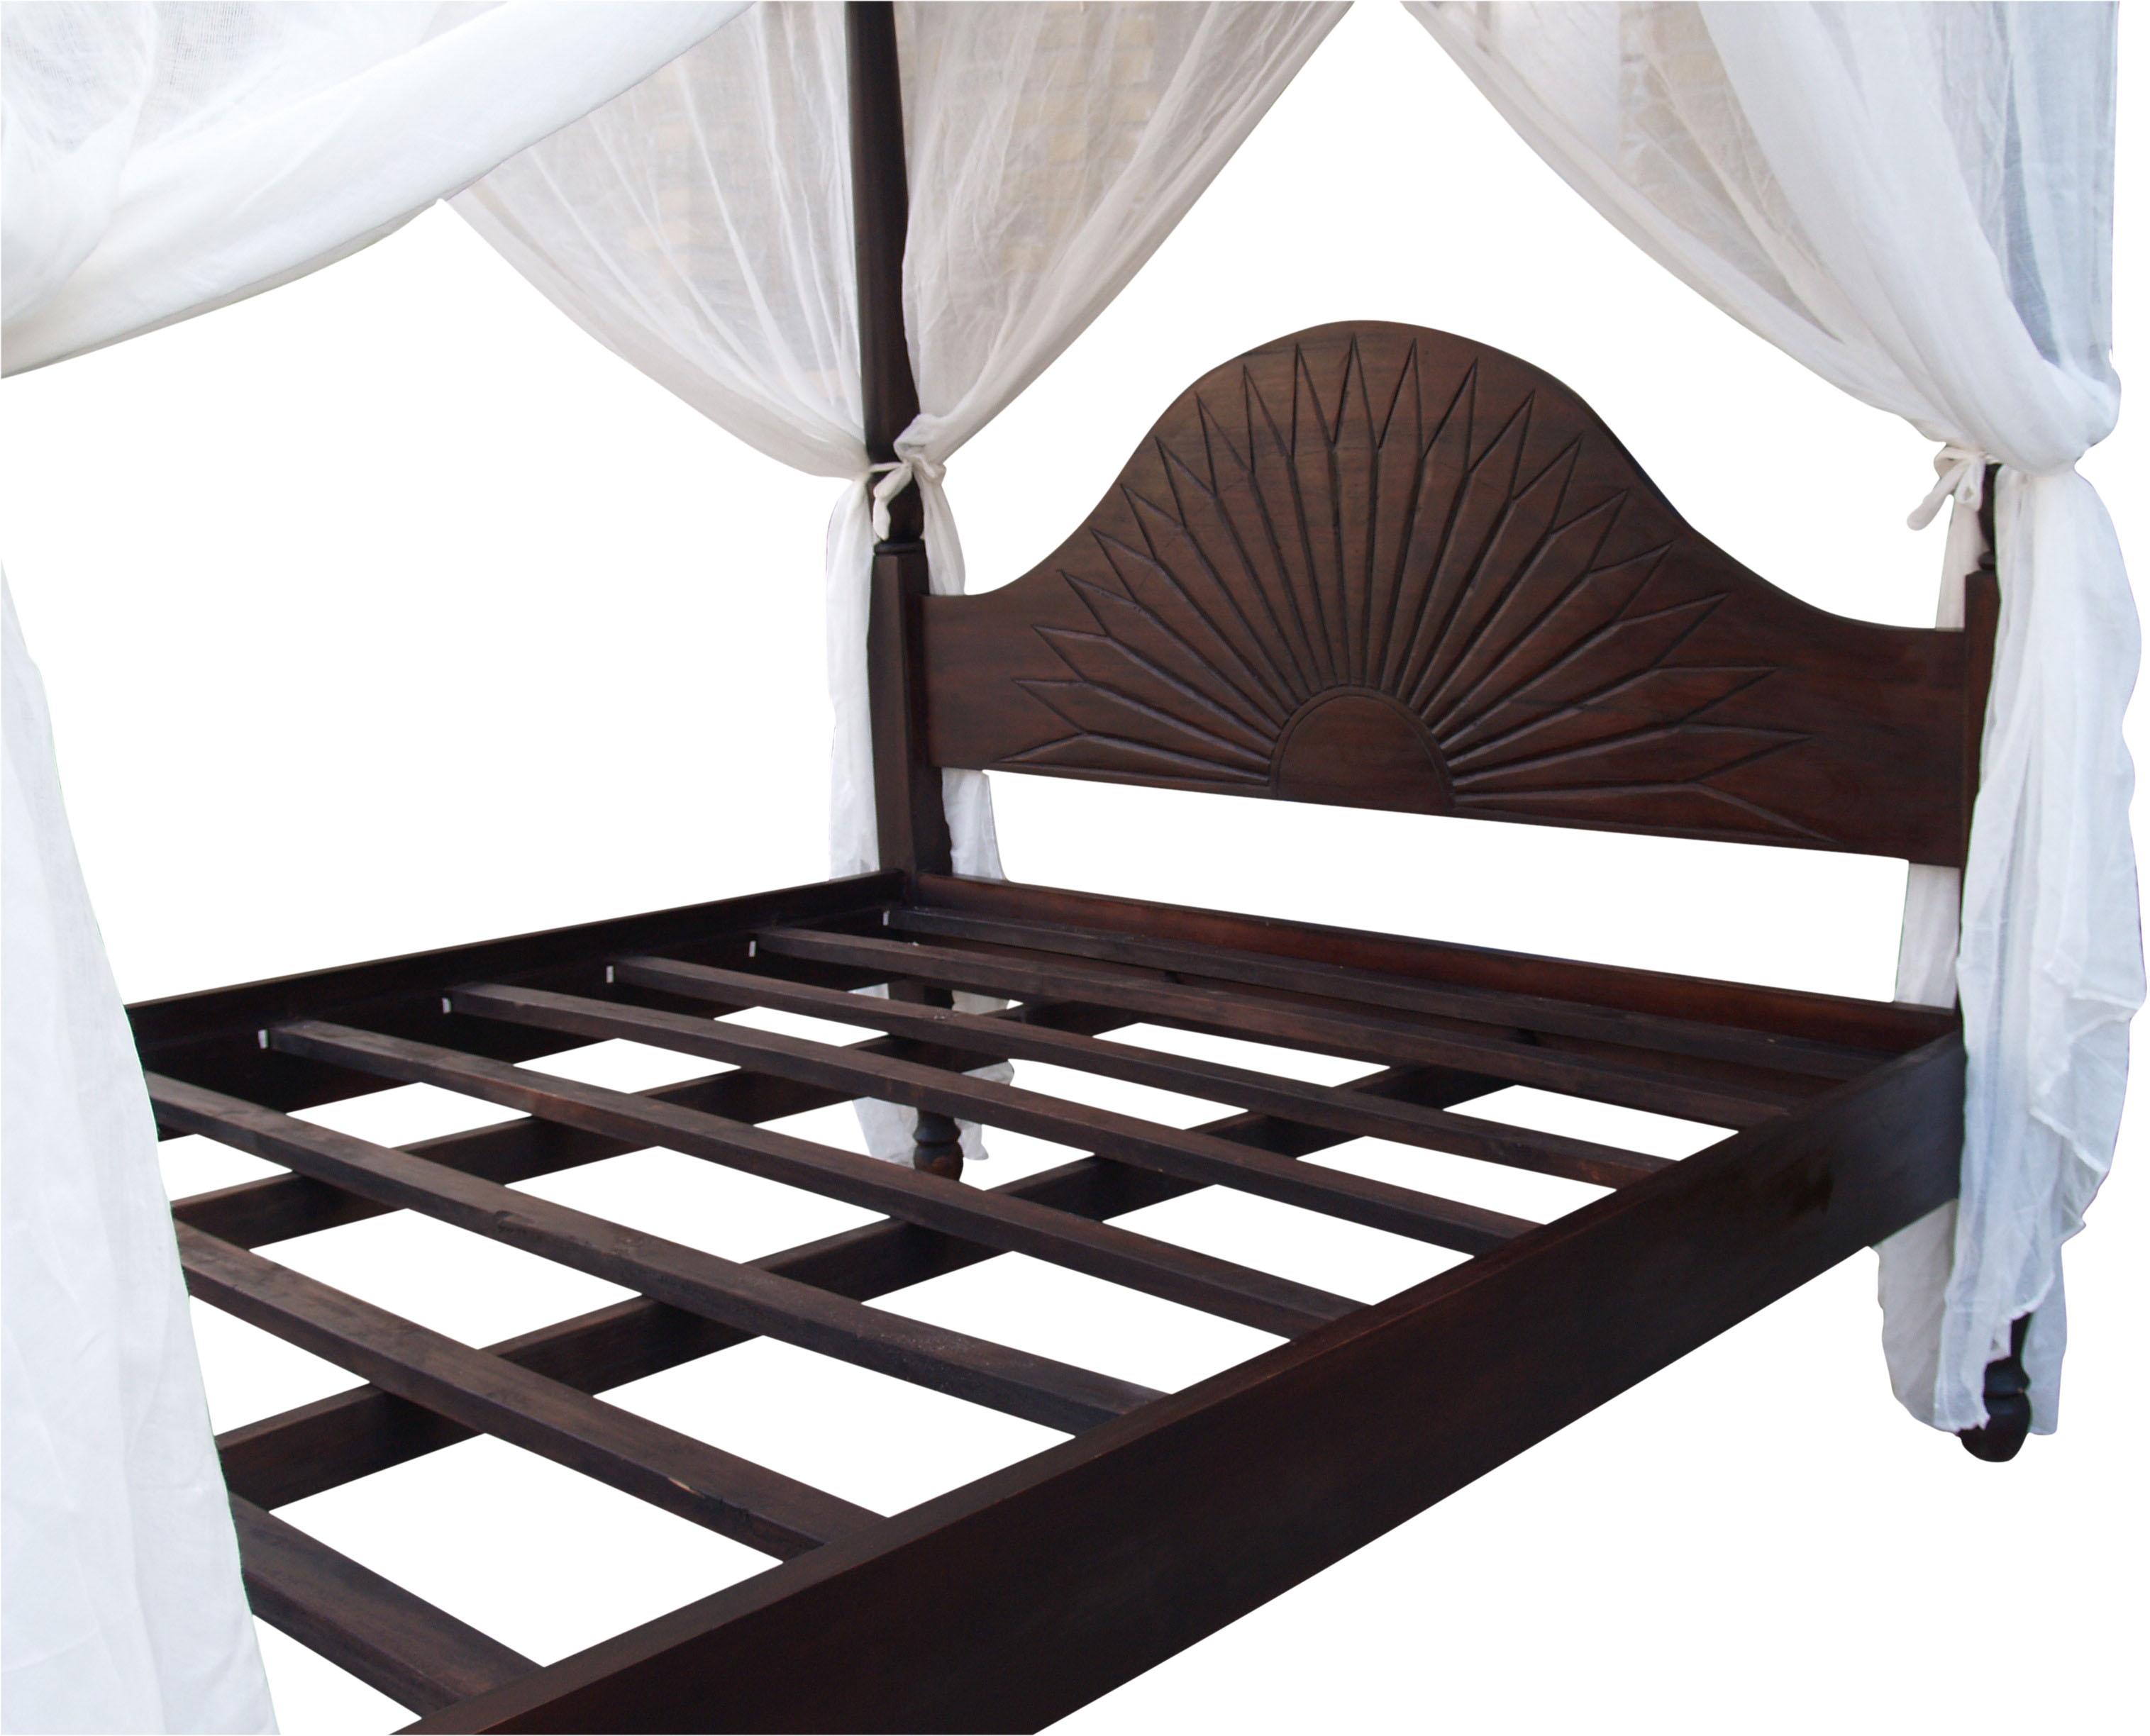 himmelbett ubud aus teakholz dunkel 200x170x220 cm. Black Bedroom Furniture Sets. Home Design Ideas